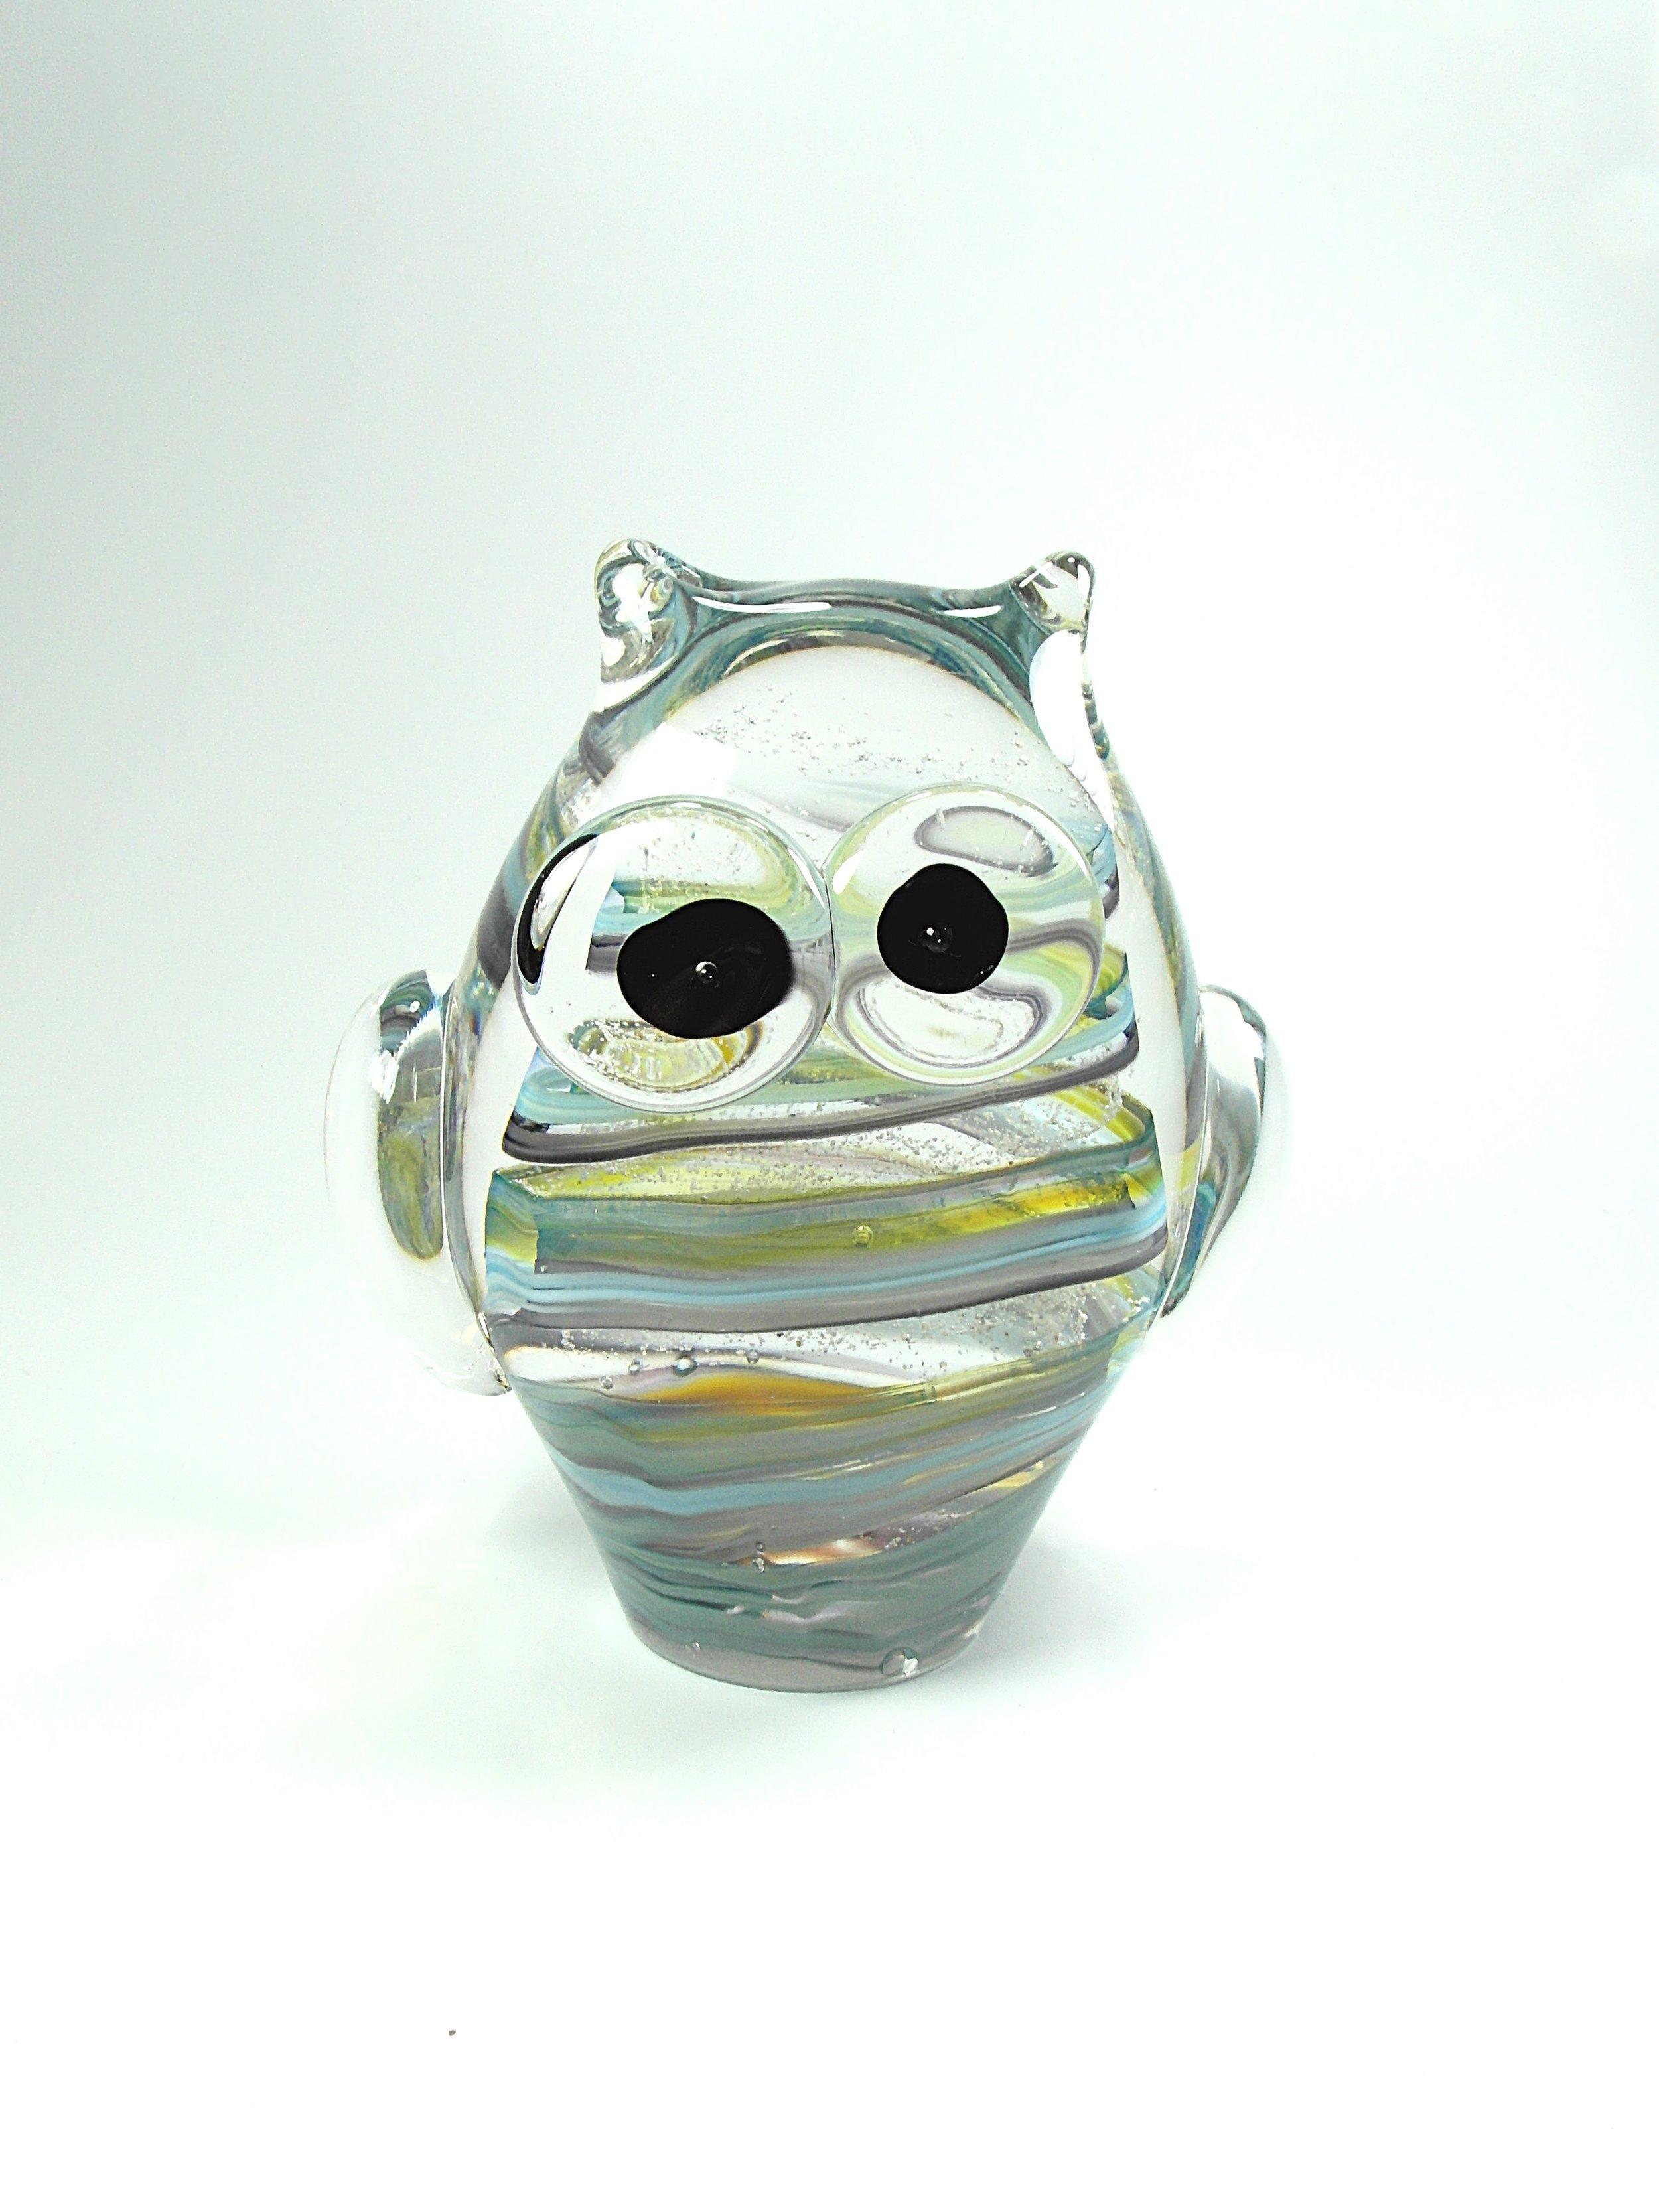 Owl by Deana McGillivray